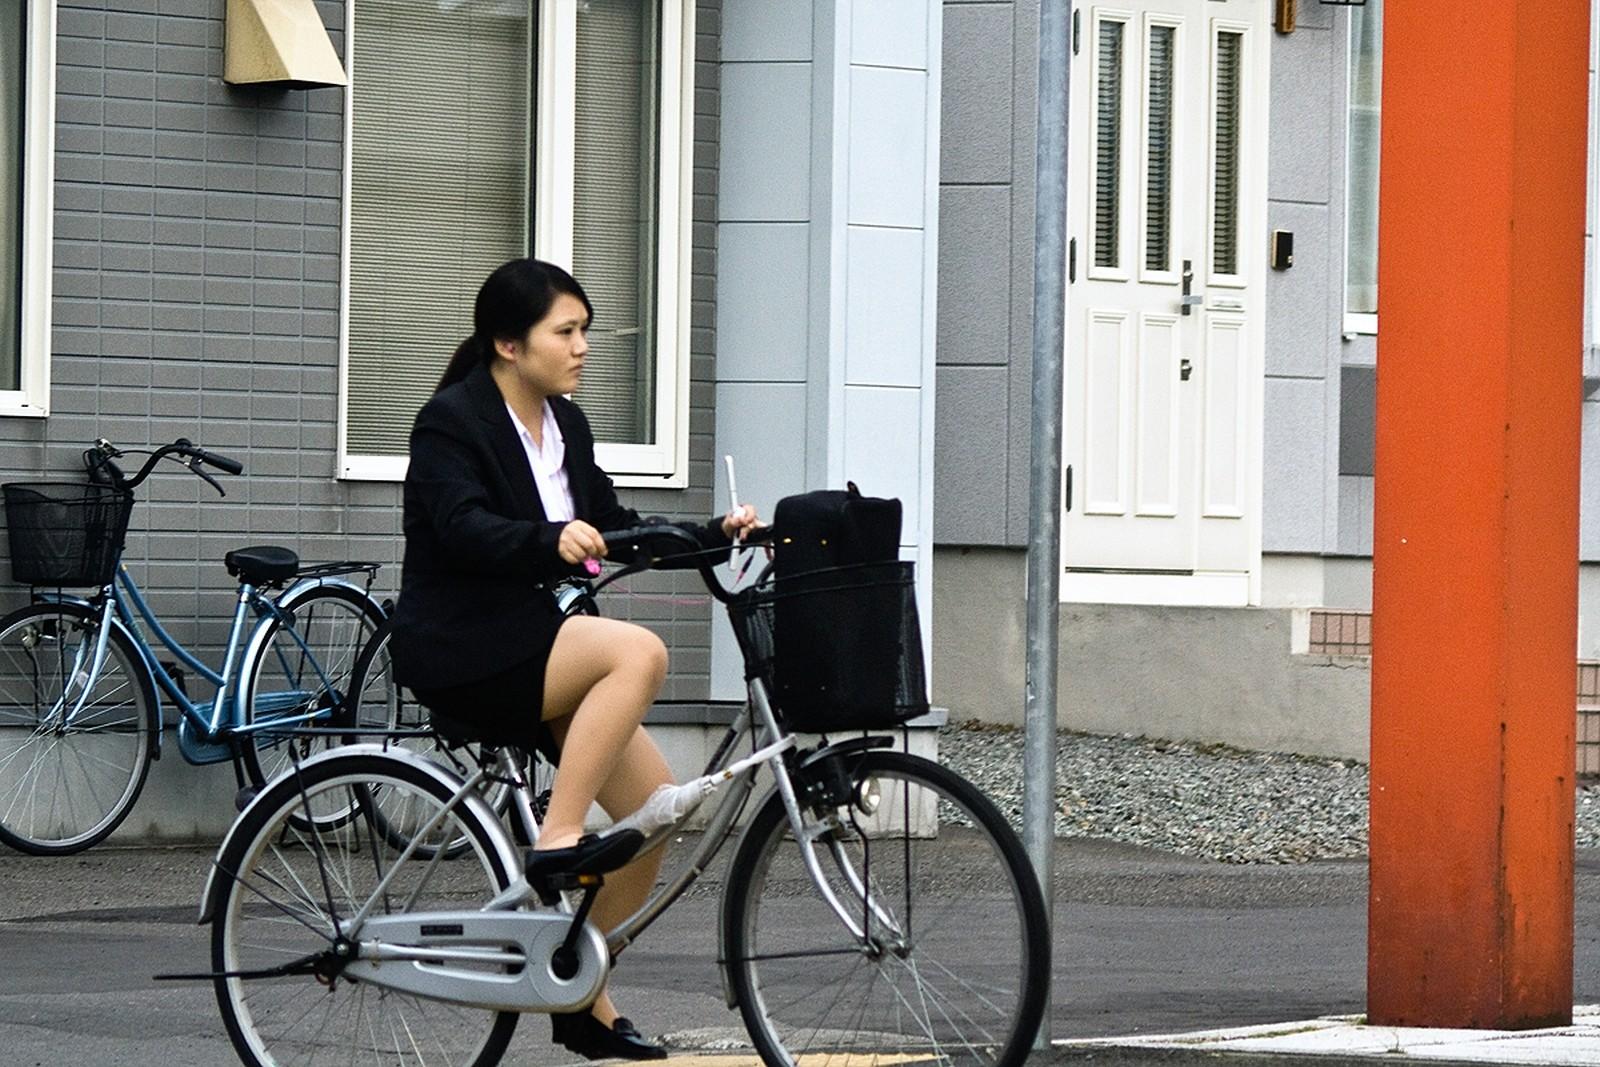 自転車リクスーOLの三角パンチラと太もも盗撮画像14枚目